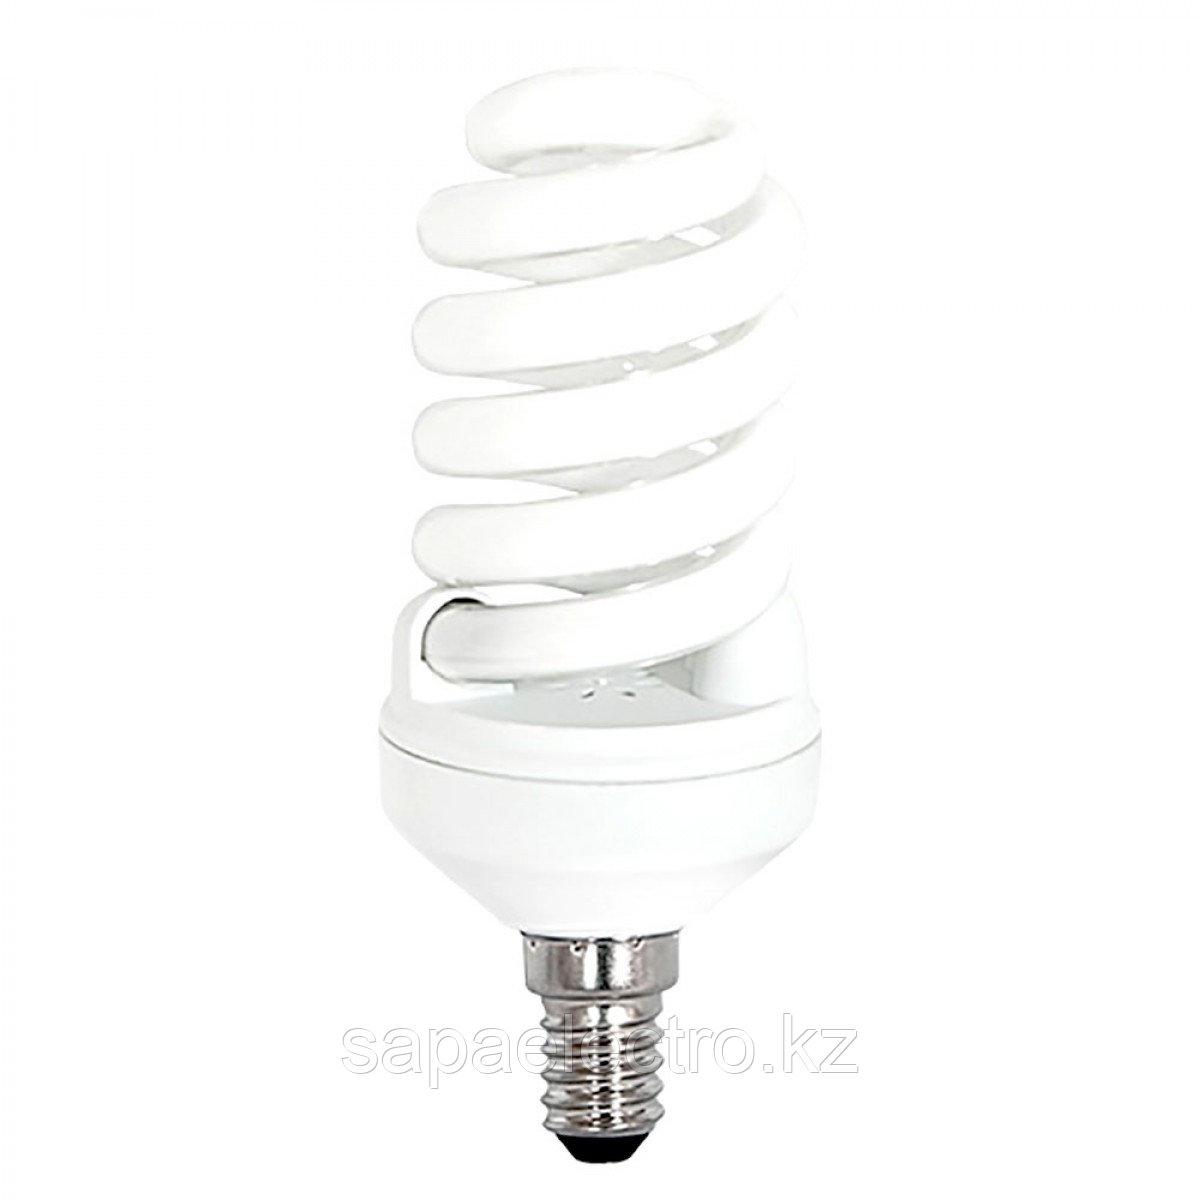 Лампа SPIRAL TINY  15W   E14   827   (TL) 50шт